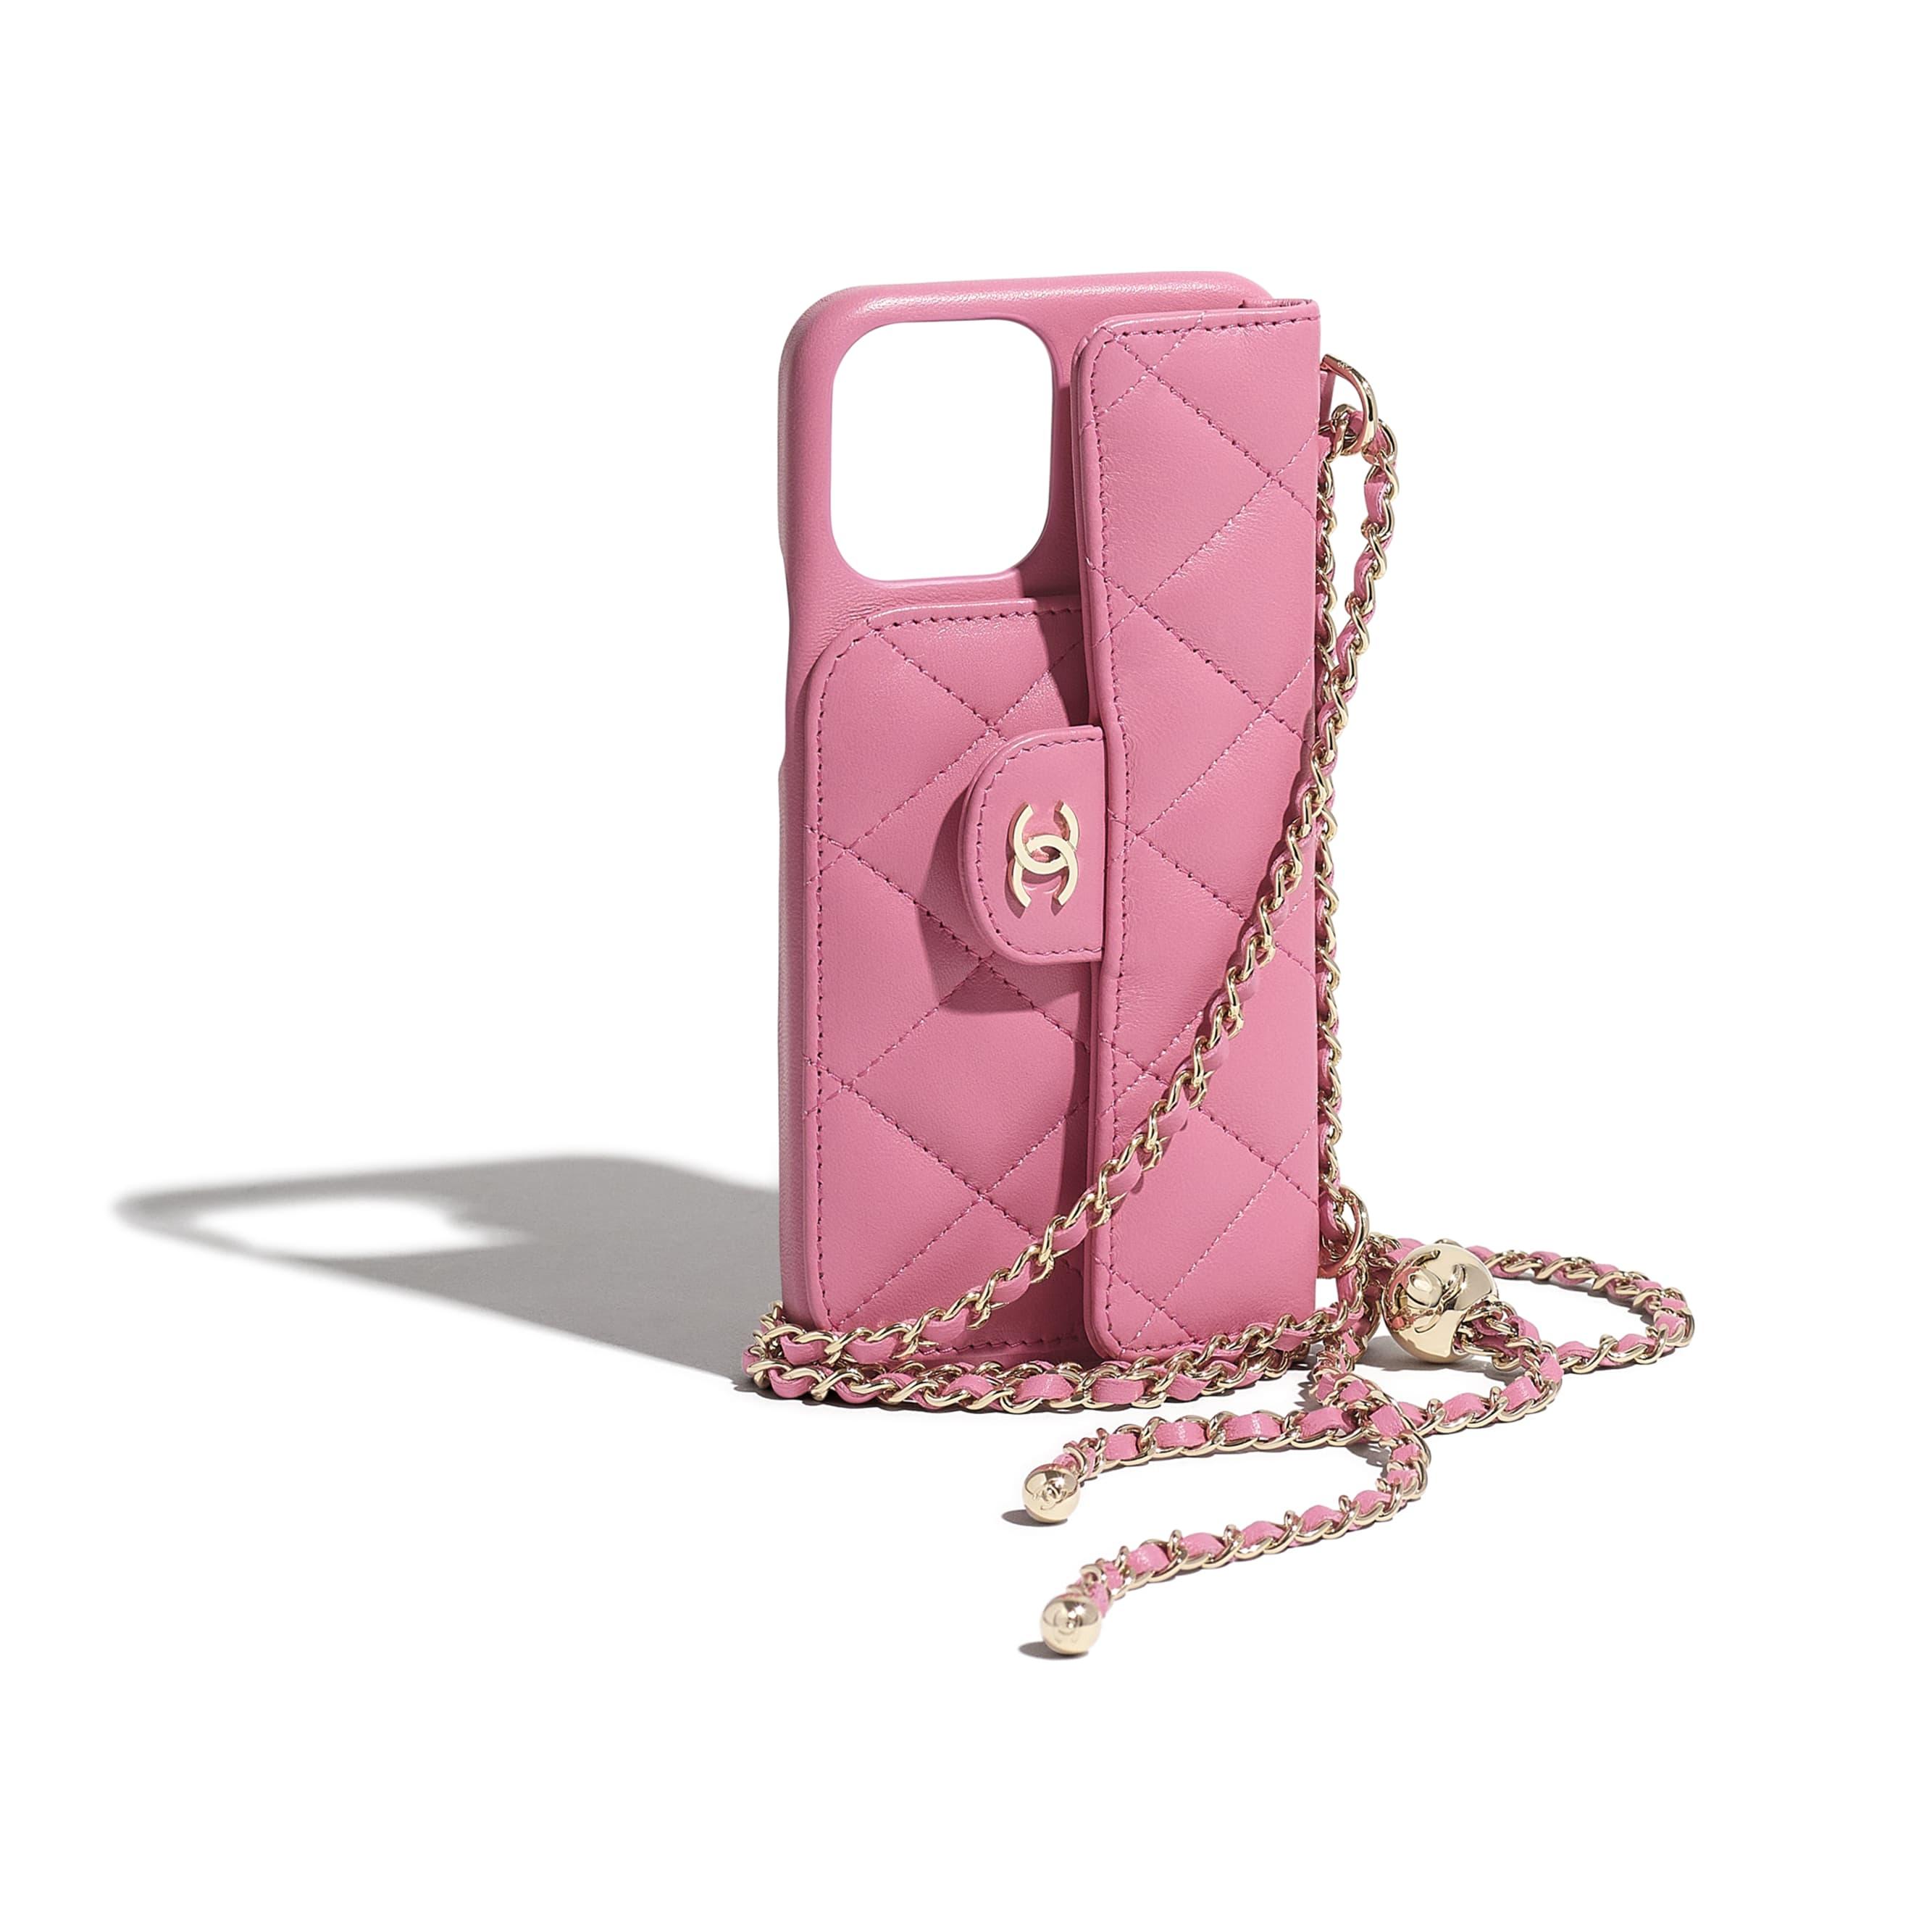 Custodia per iPhone XII Pro MAX classica con catena - Rosa - Pelle di agnello & metallo effetto dorato - CHANEL - Immagine extra - vedere versione standard